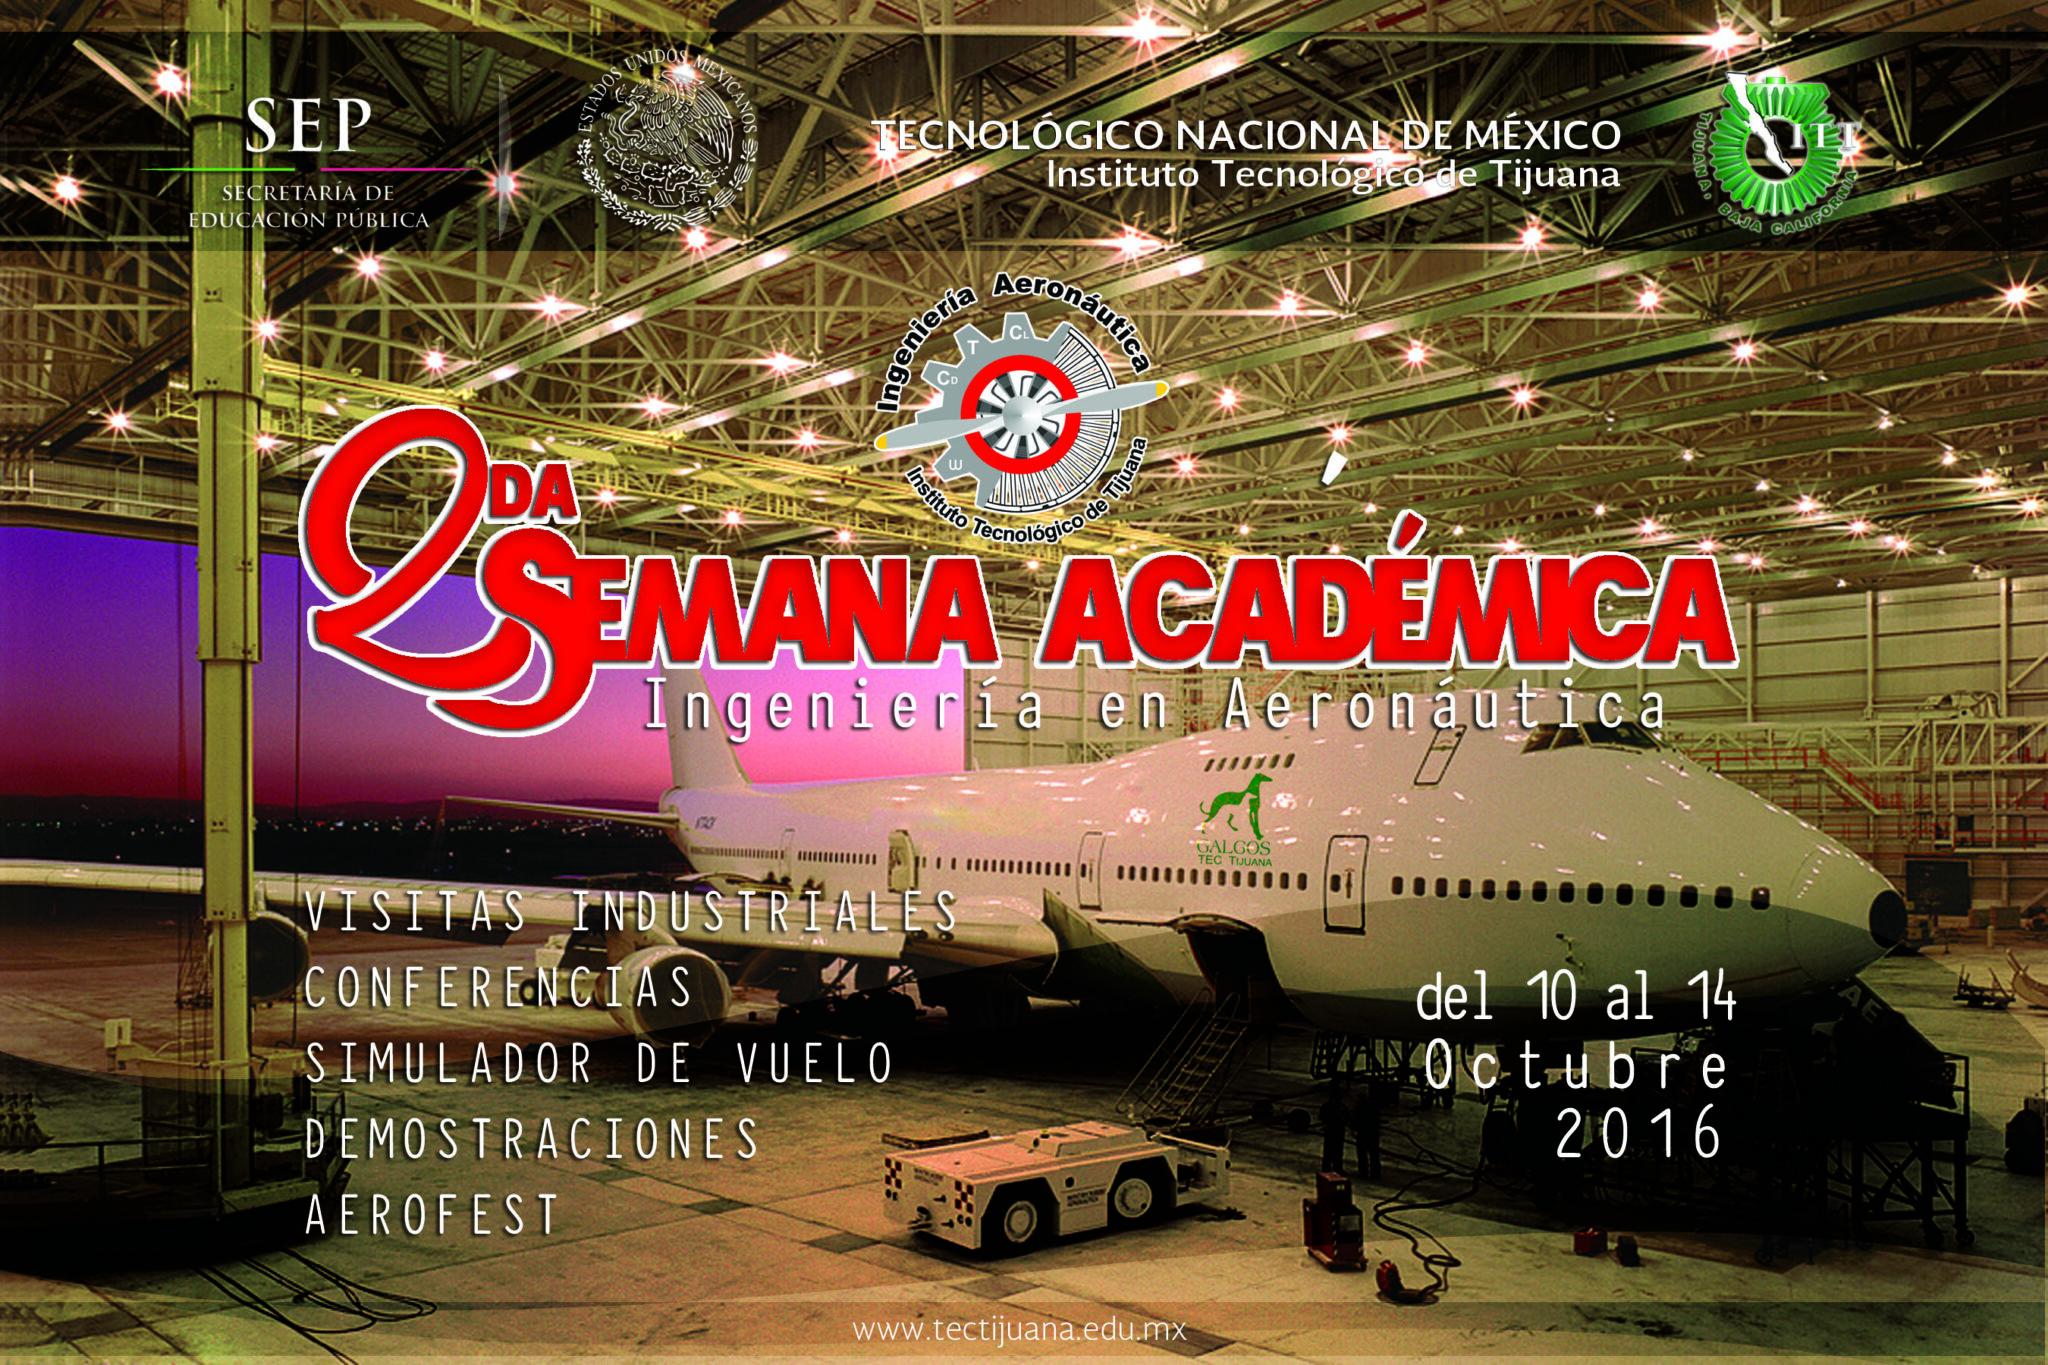 semana-academica-aeronautica-poster-horizontal-2016